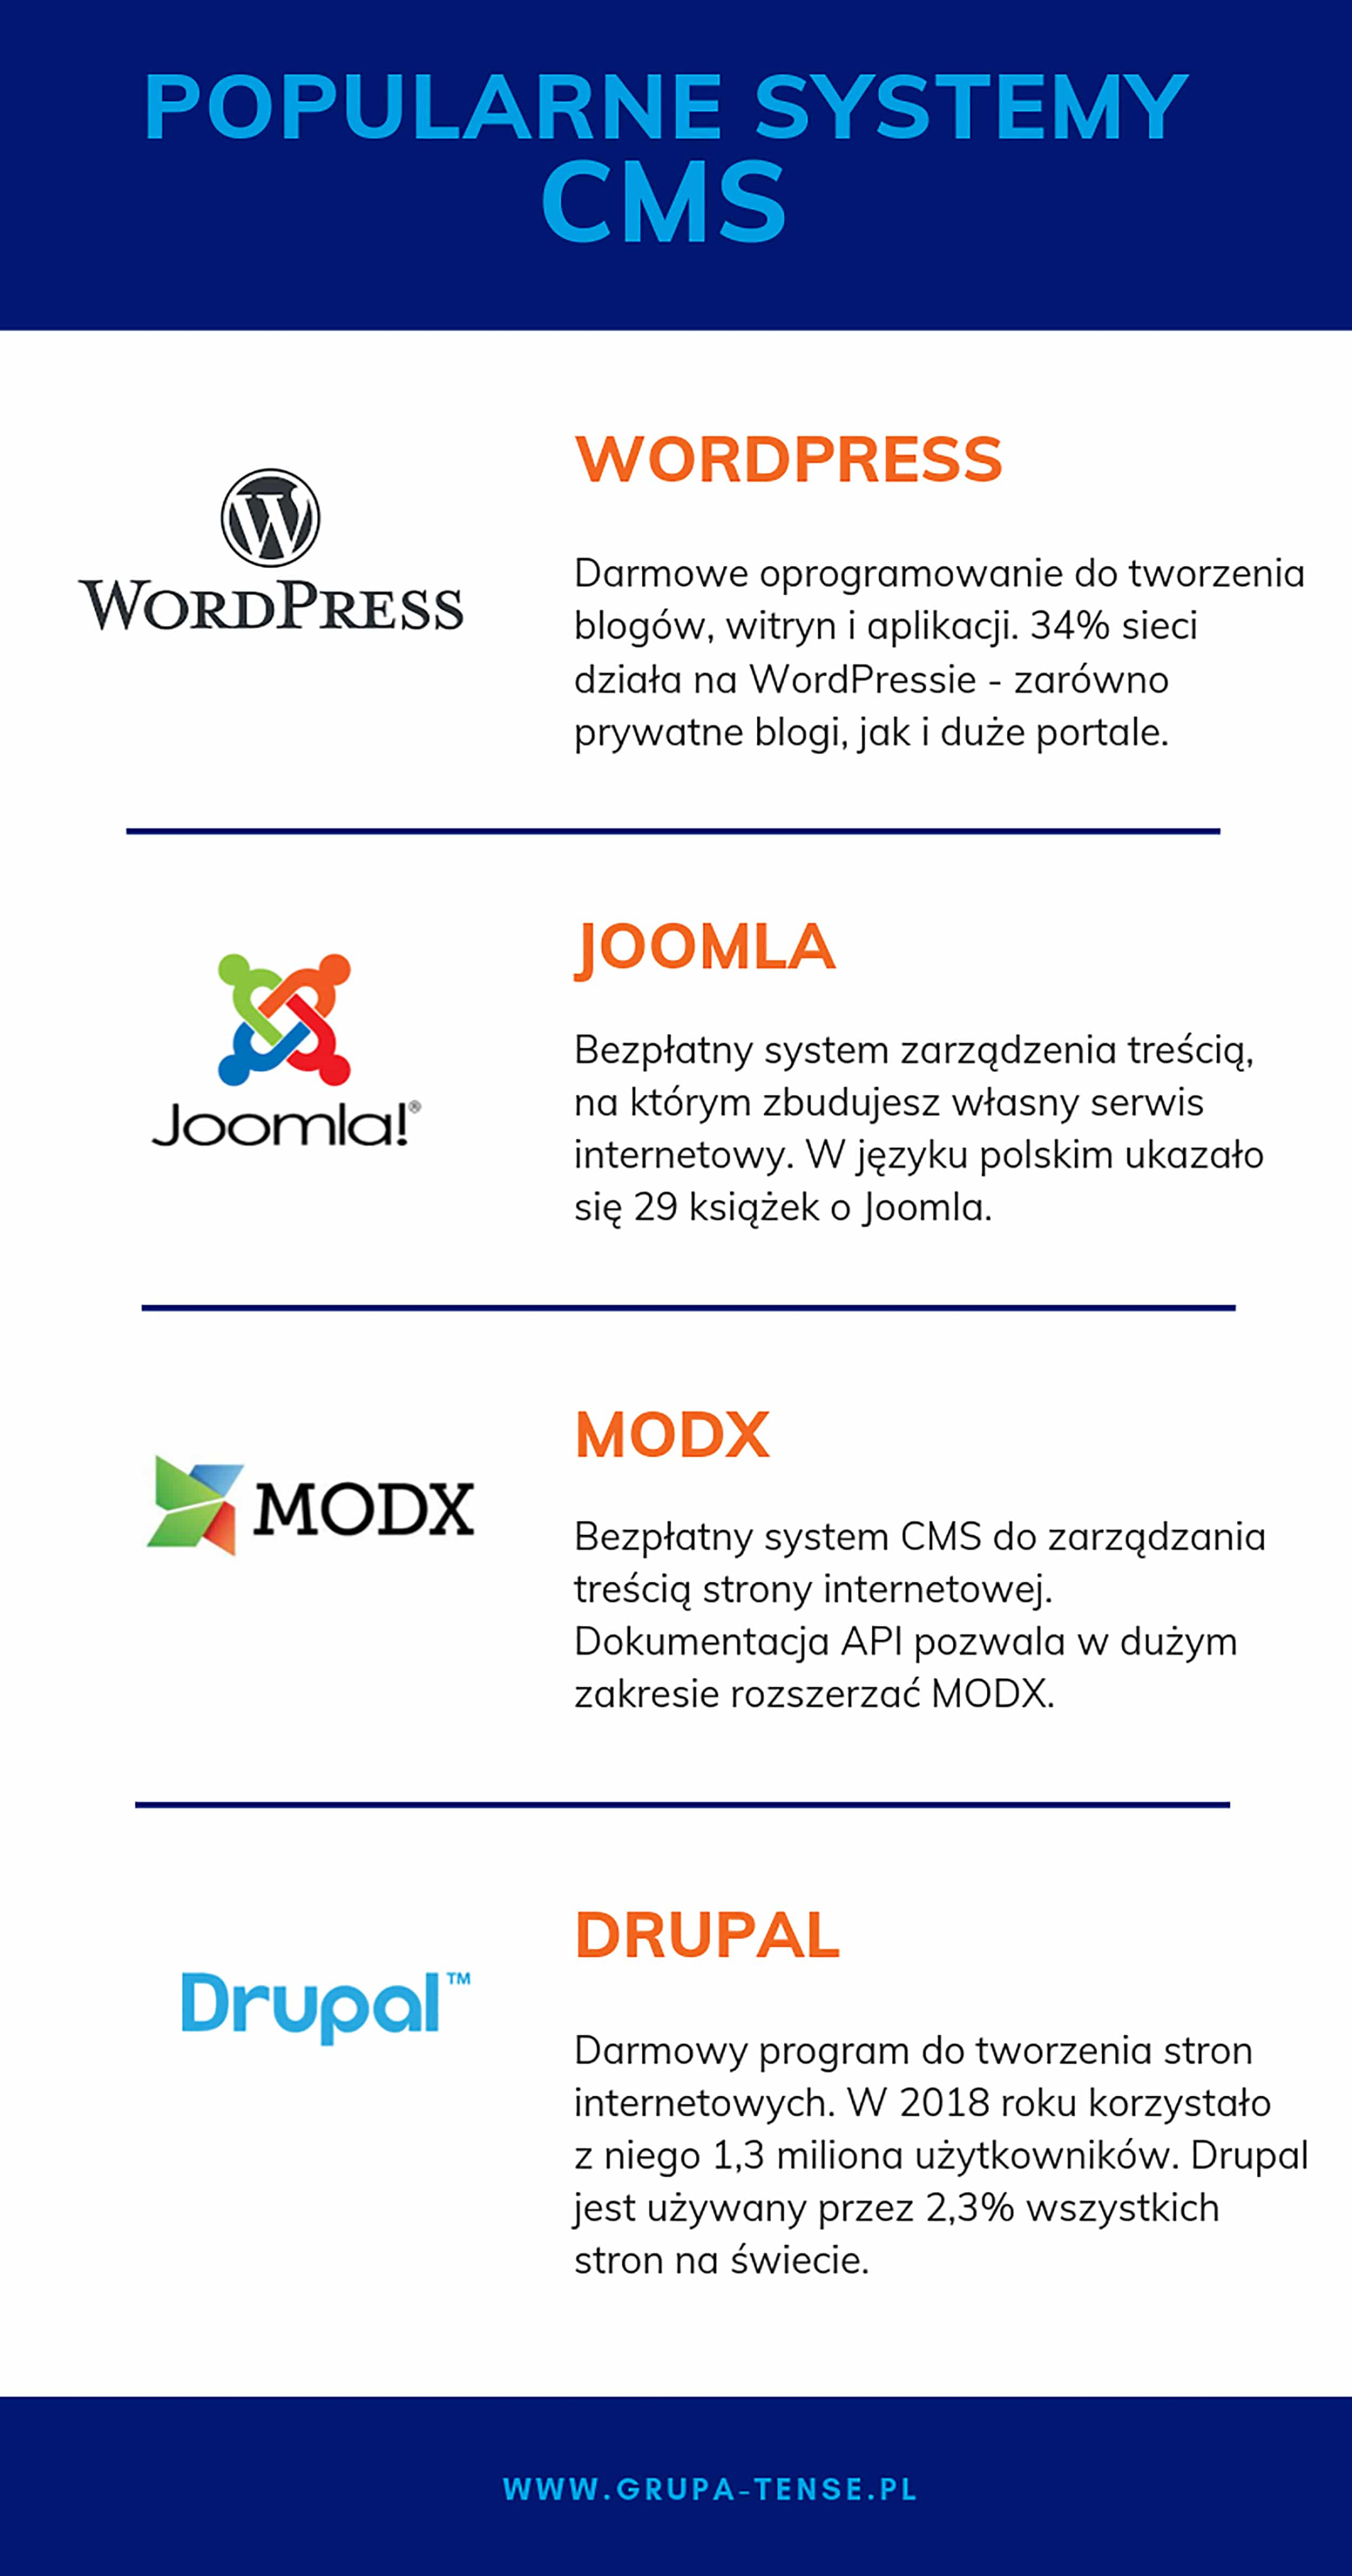 popularne systemy CMS